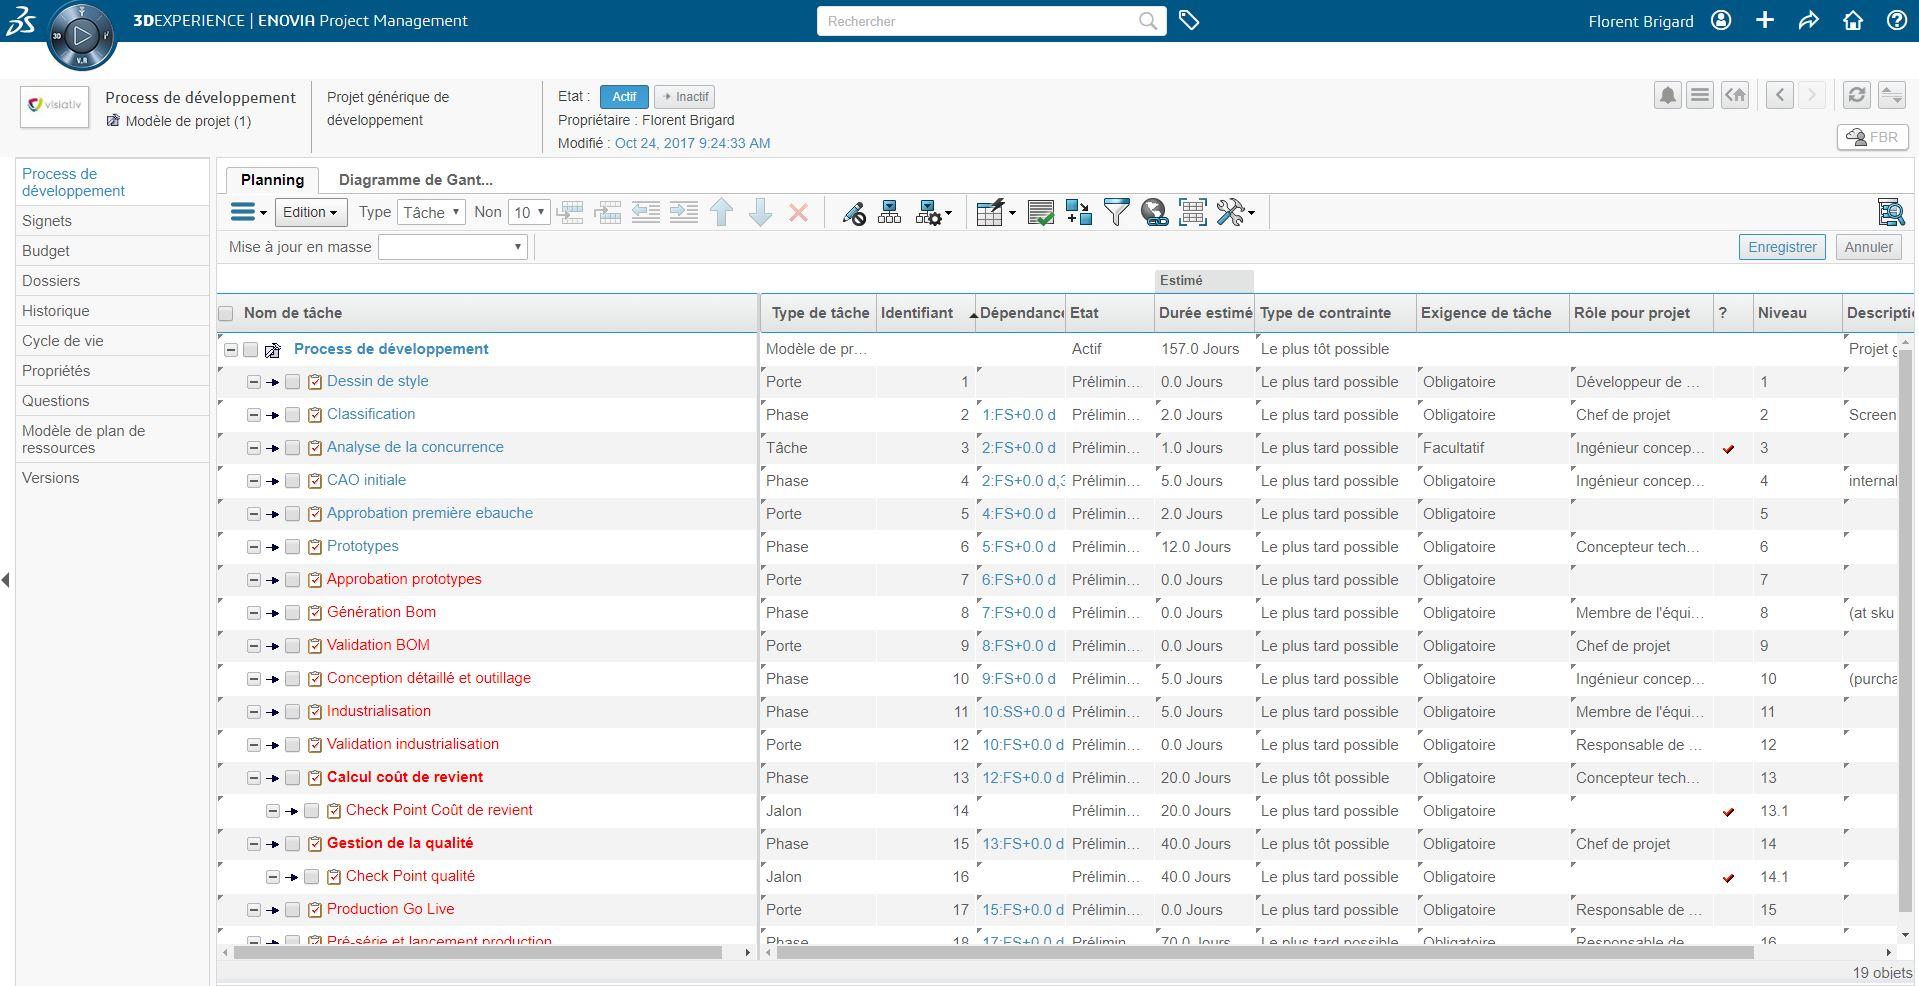 Exemple planning type - modèle de projet 3DEXPERIENCE